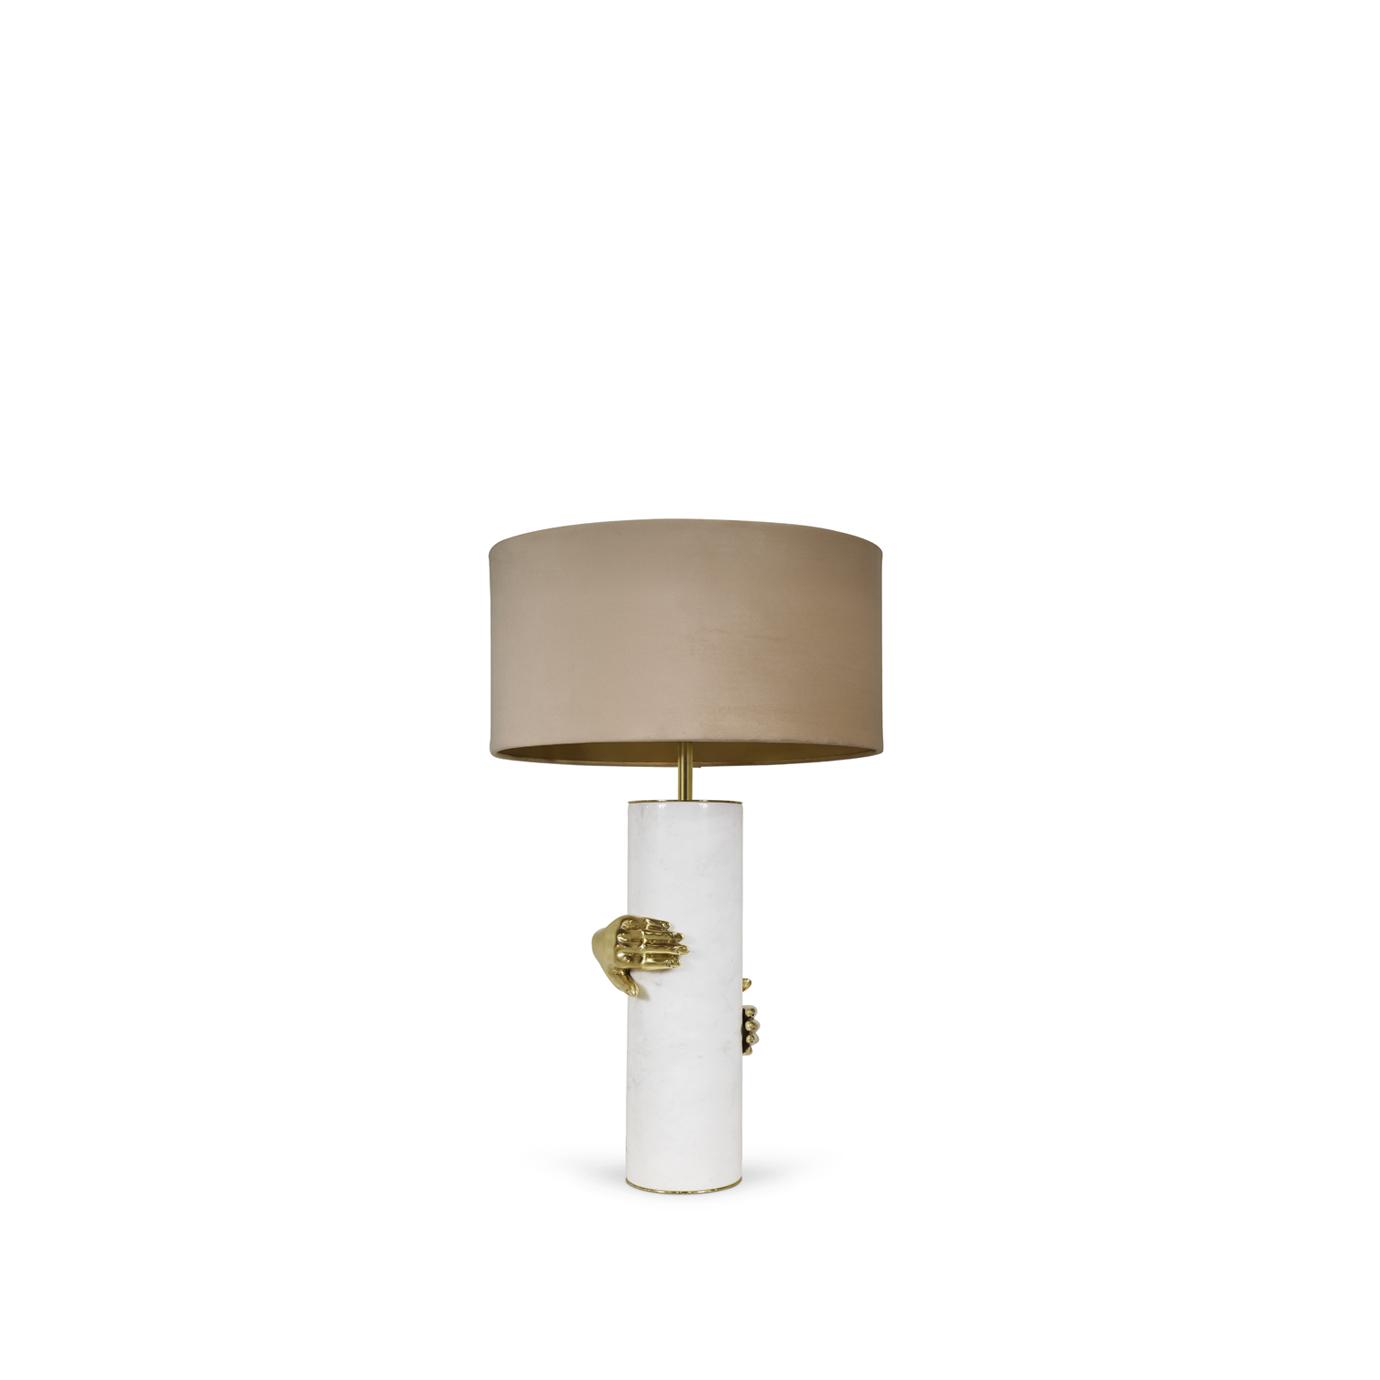 Vengeance Table Lamp